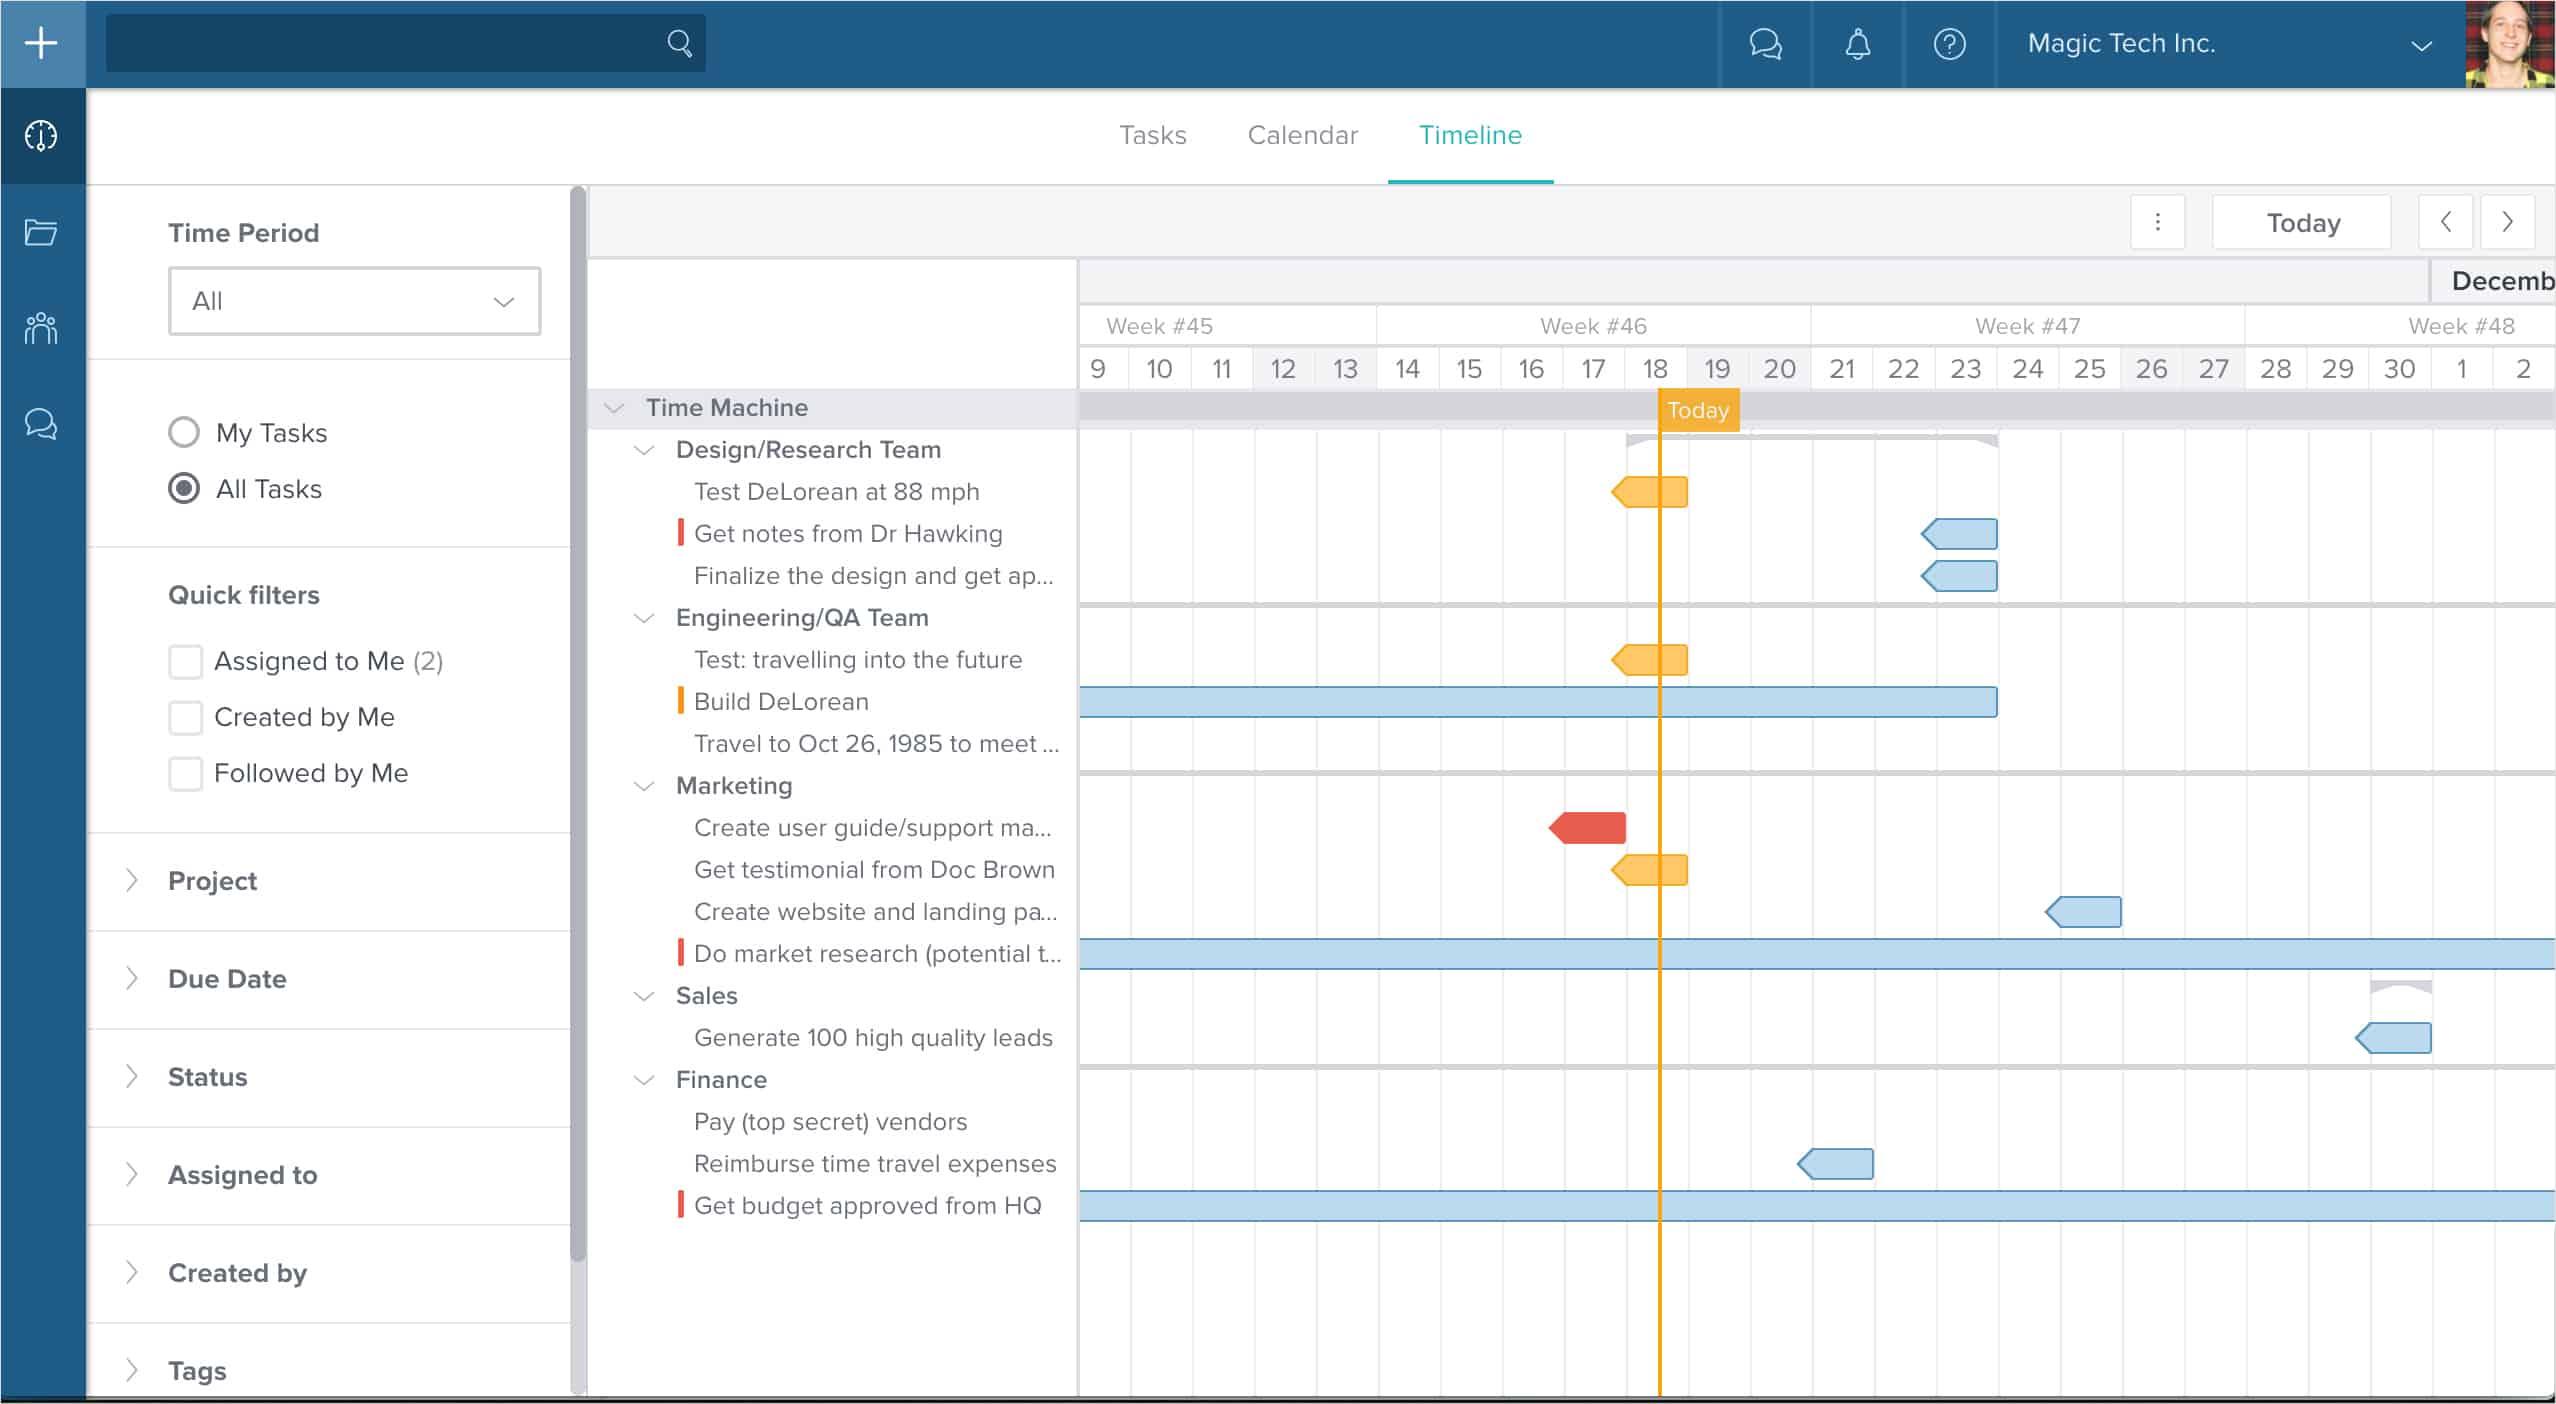 Taskworld Timeline